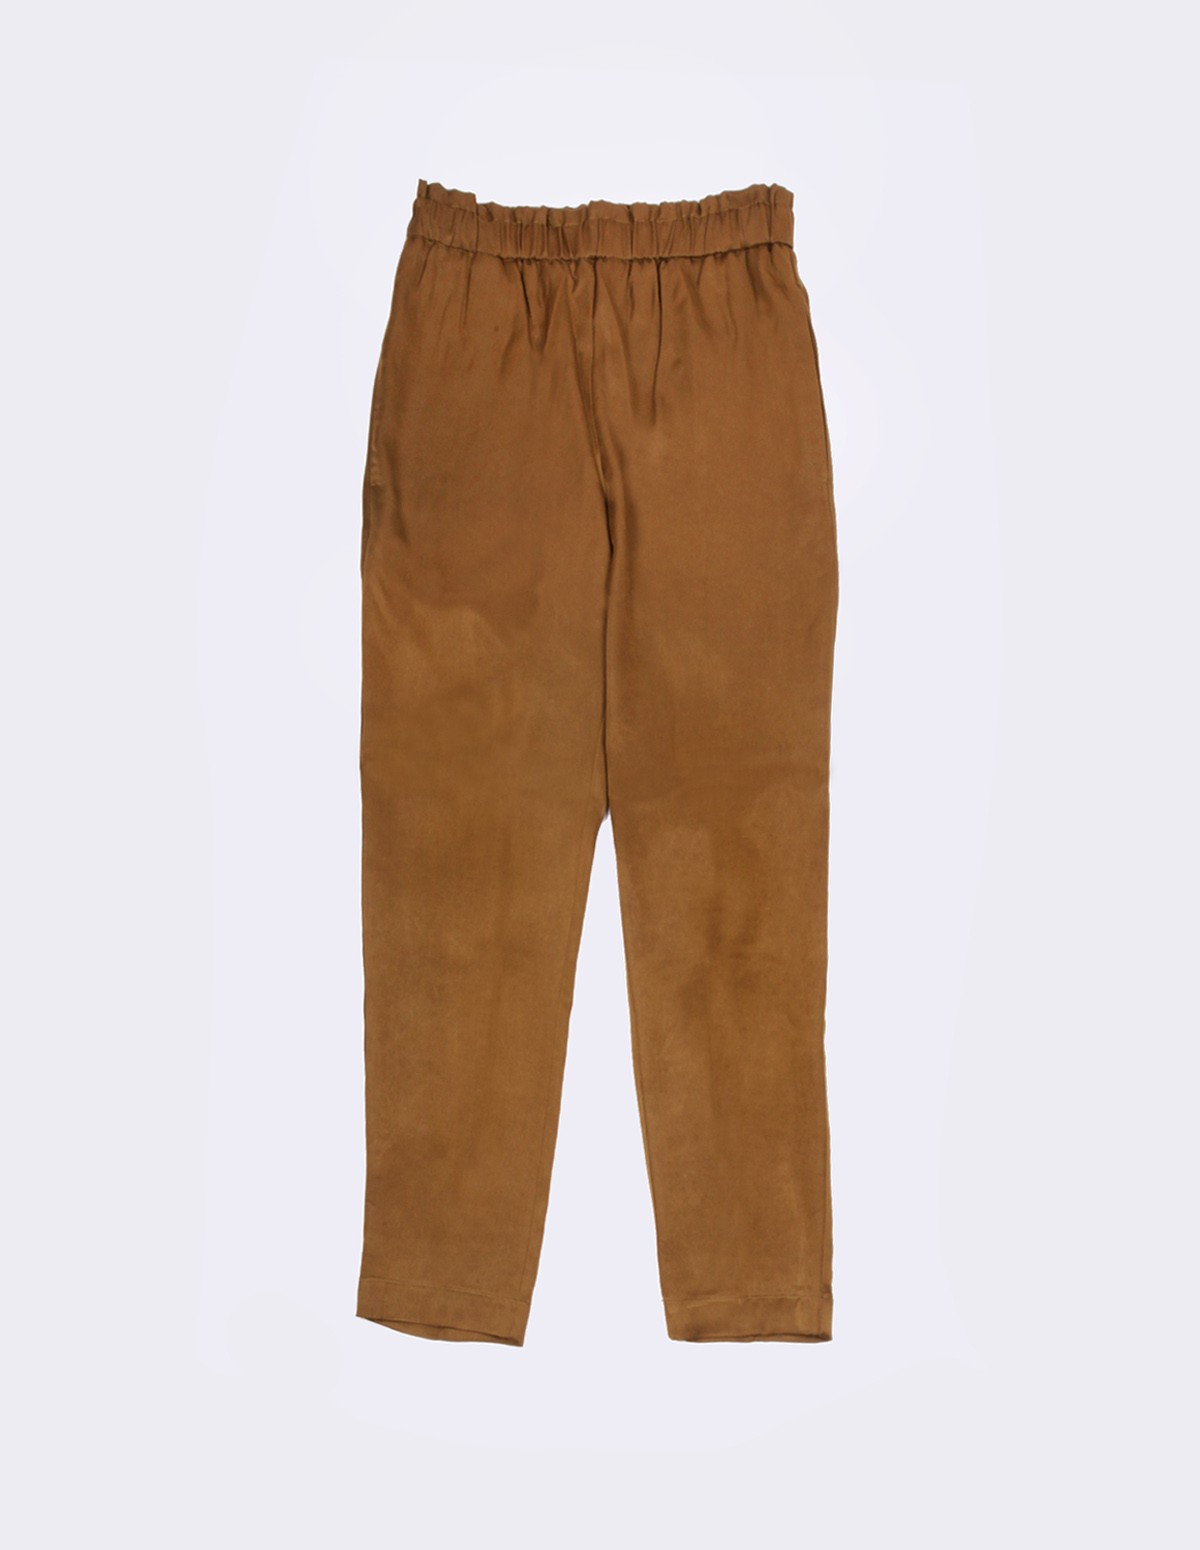 Pom 7123/20657 Exclu Pants - BRONZE